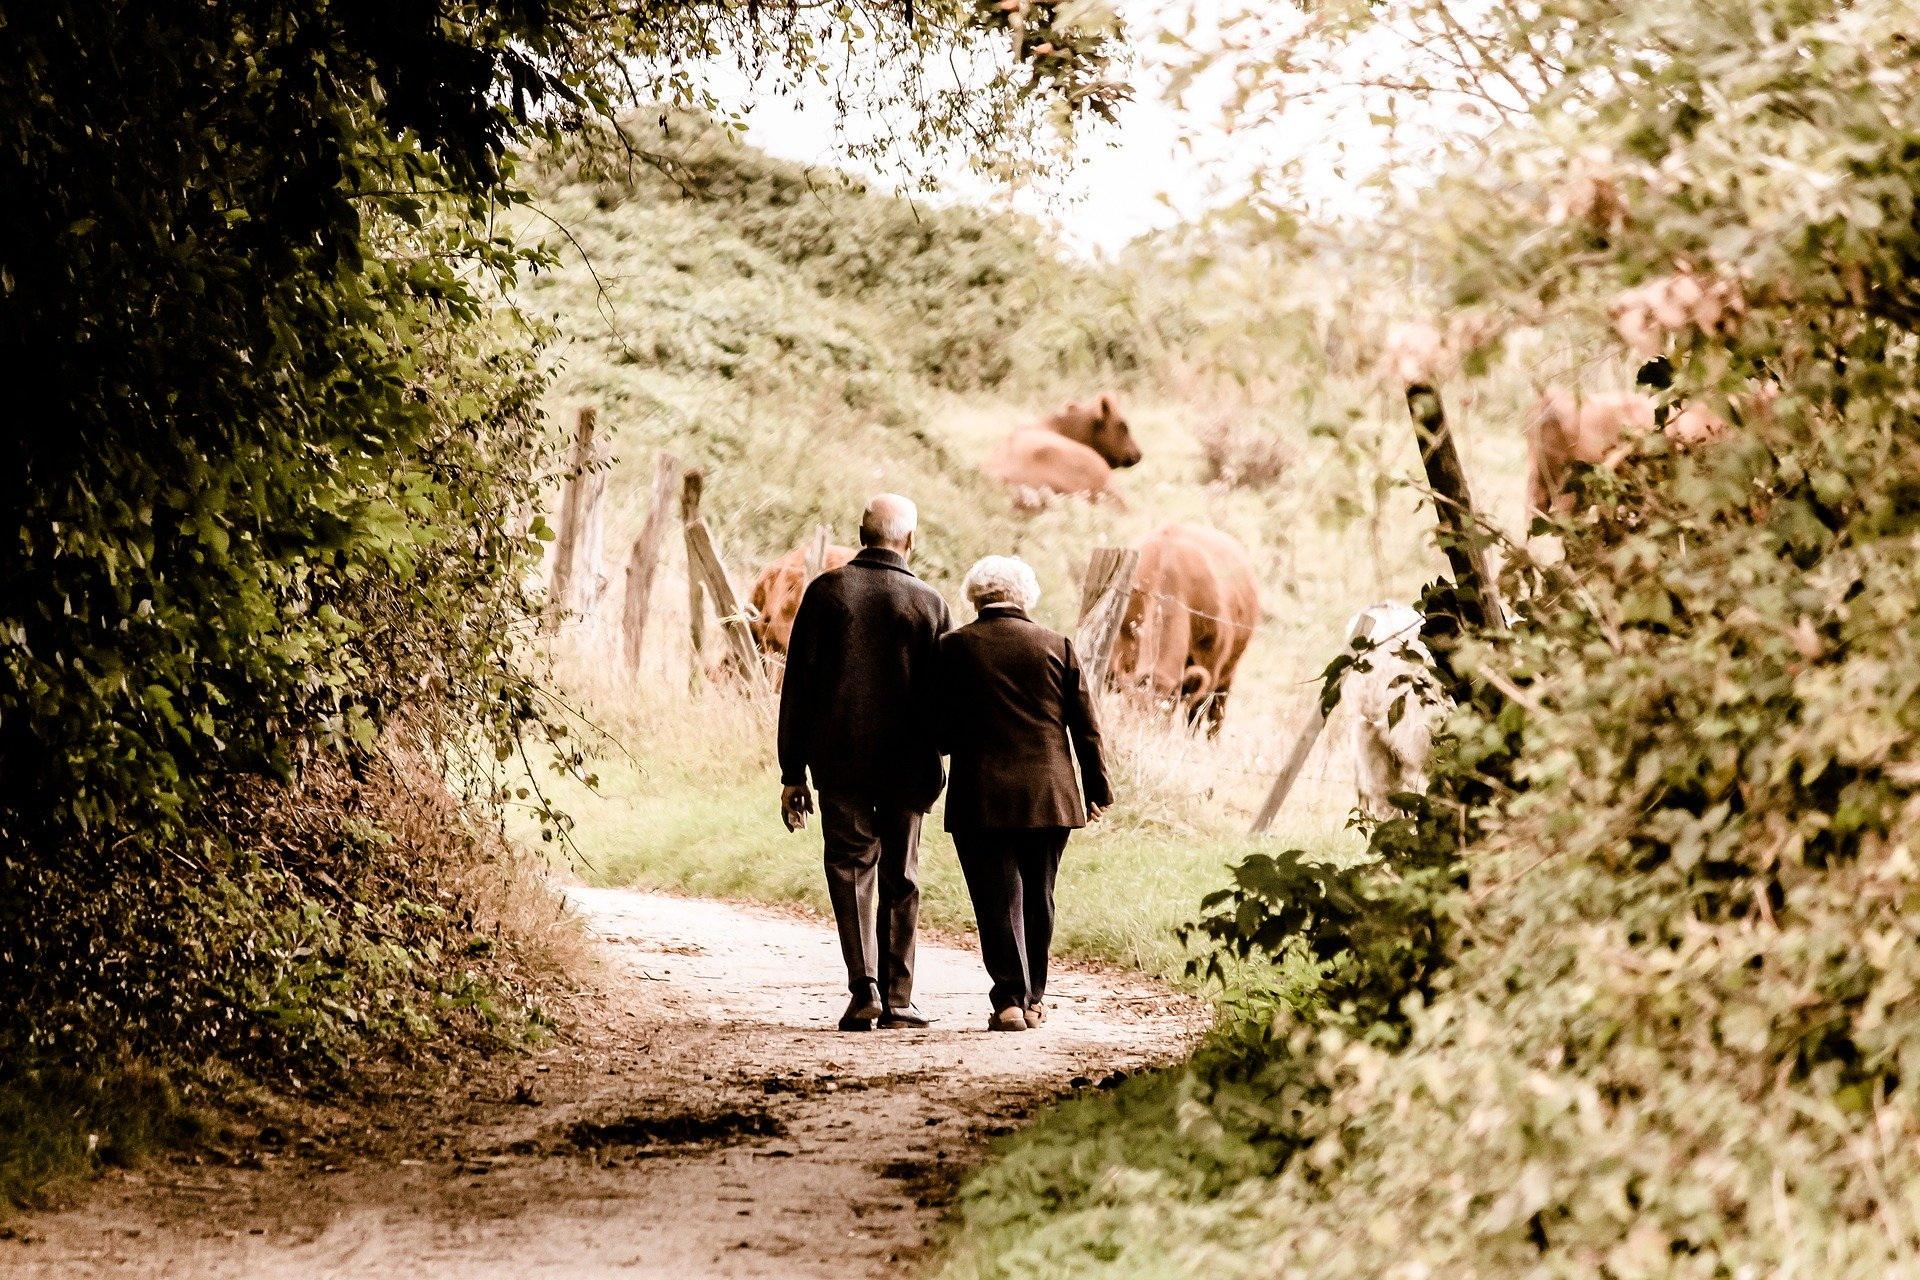 dedykacja dla babci i dziadka, życzenia na Dzień Babci i Dziadka